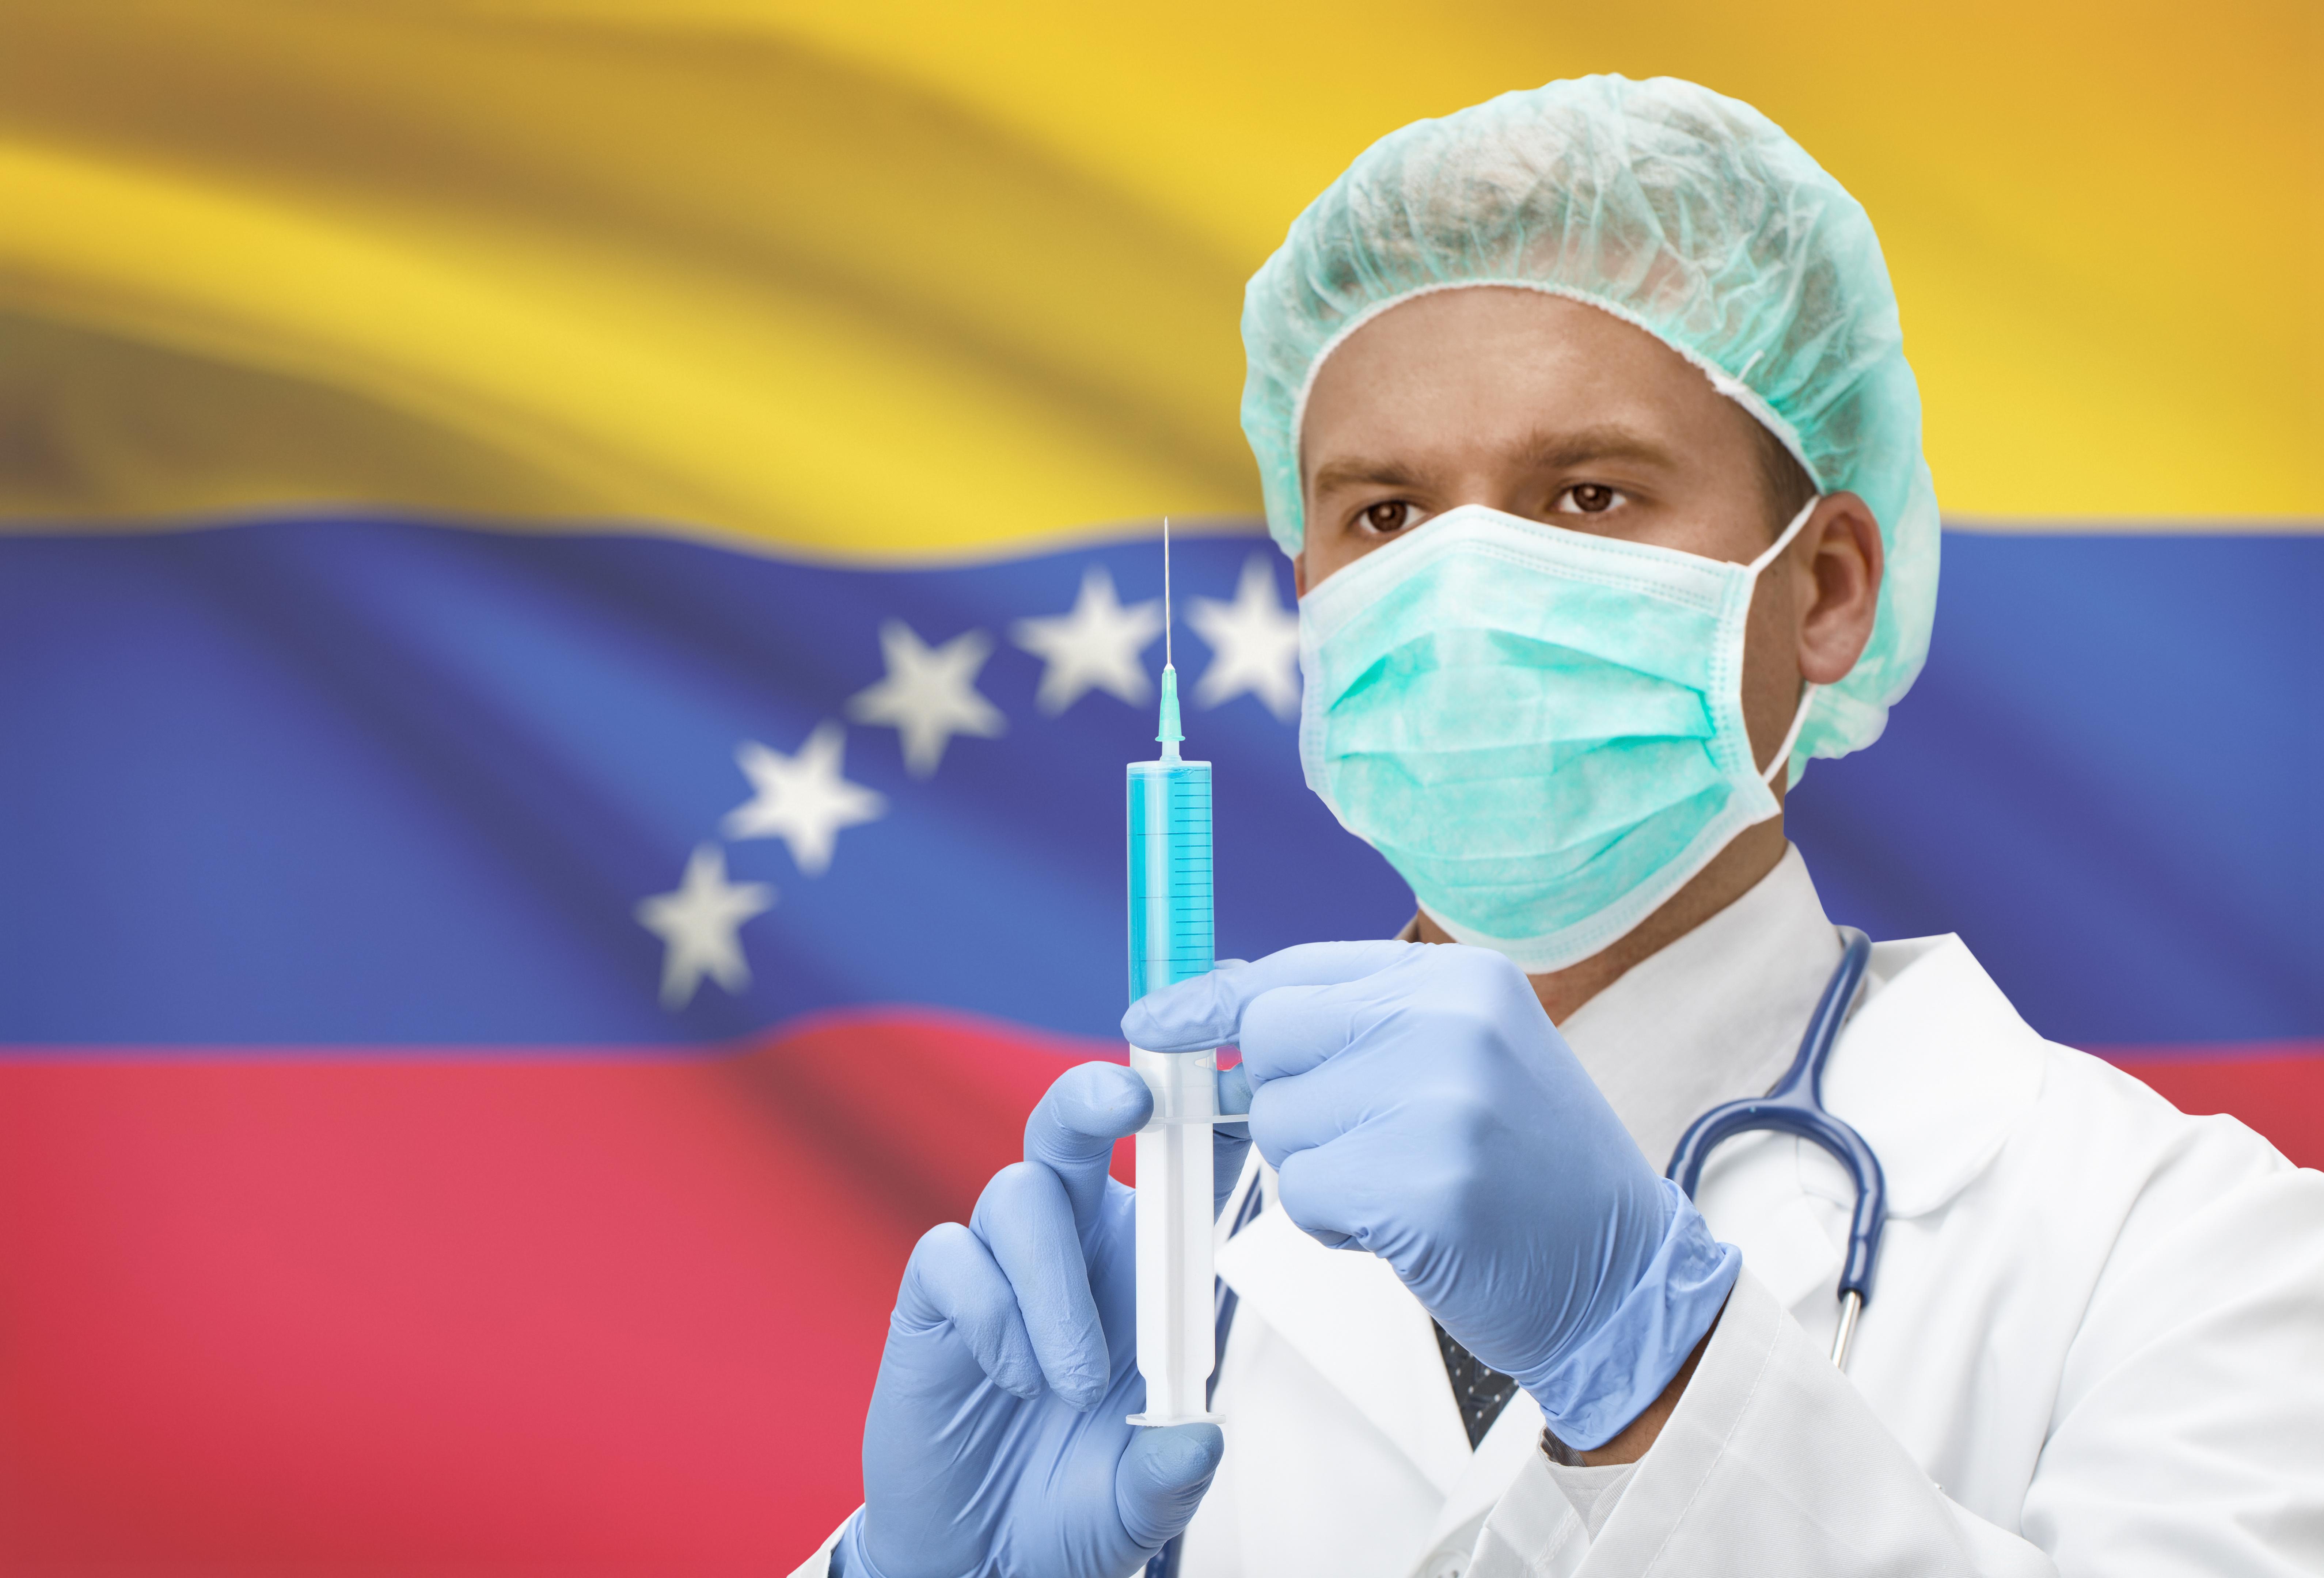 Zwar gibt es in Venezuela inzwischen viele Ärzte, es fehlen aber lebenswichtige Medikamente und Geräte.